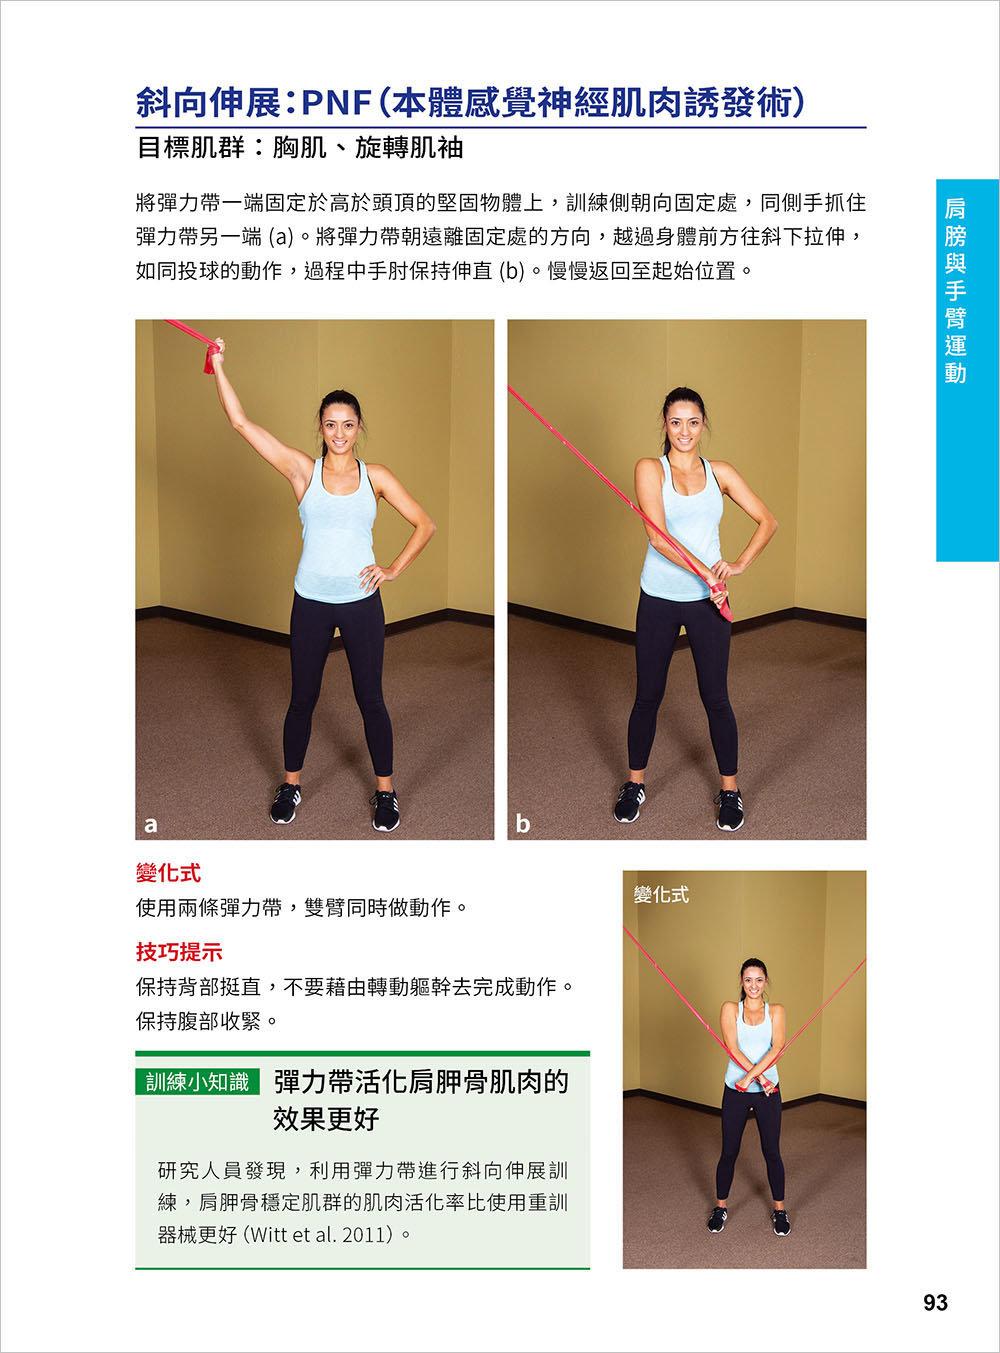 彈性阻力帶肌力訓練大全 162 式最新版 : 健身與功能性訓練、復健與預防肌少症 全適用-preview-4